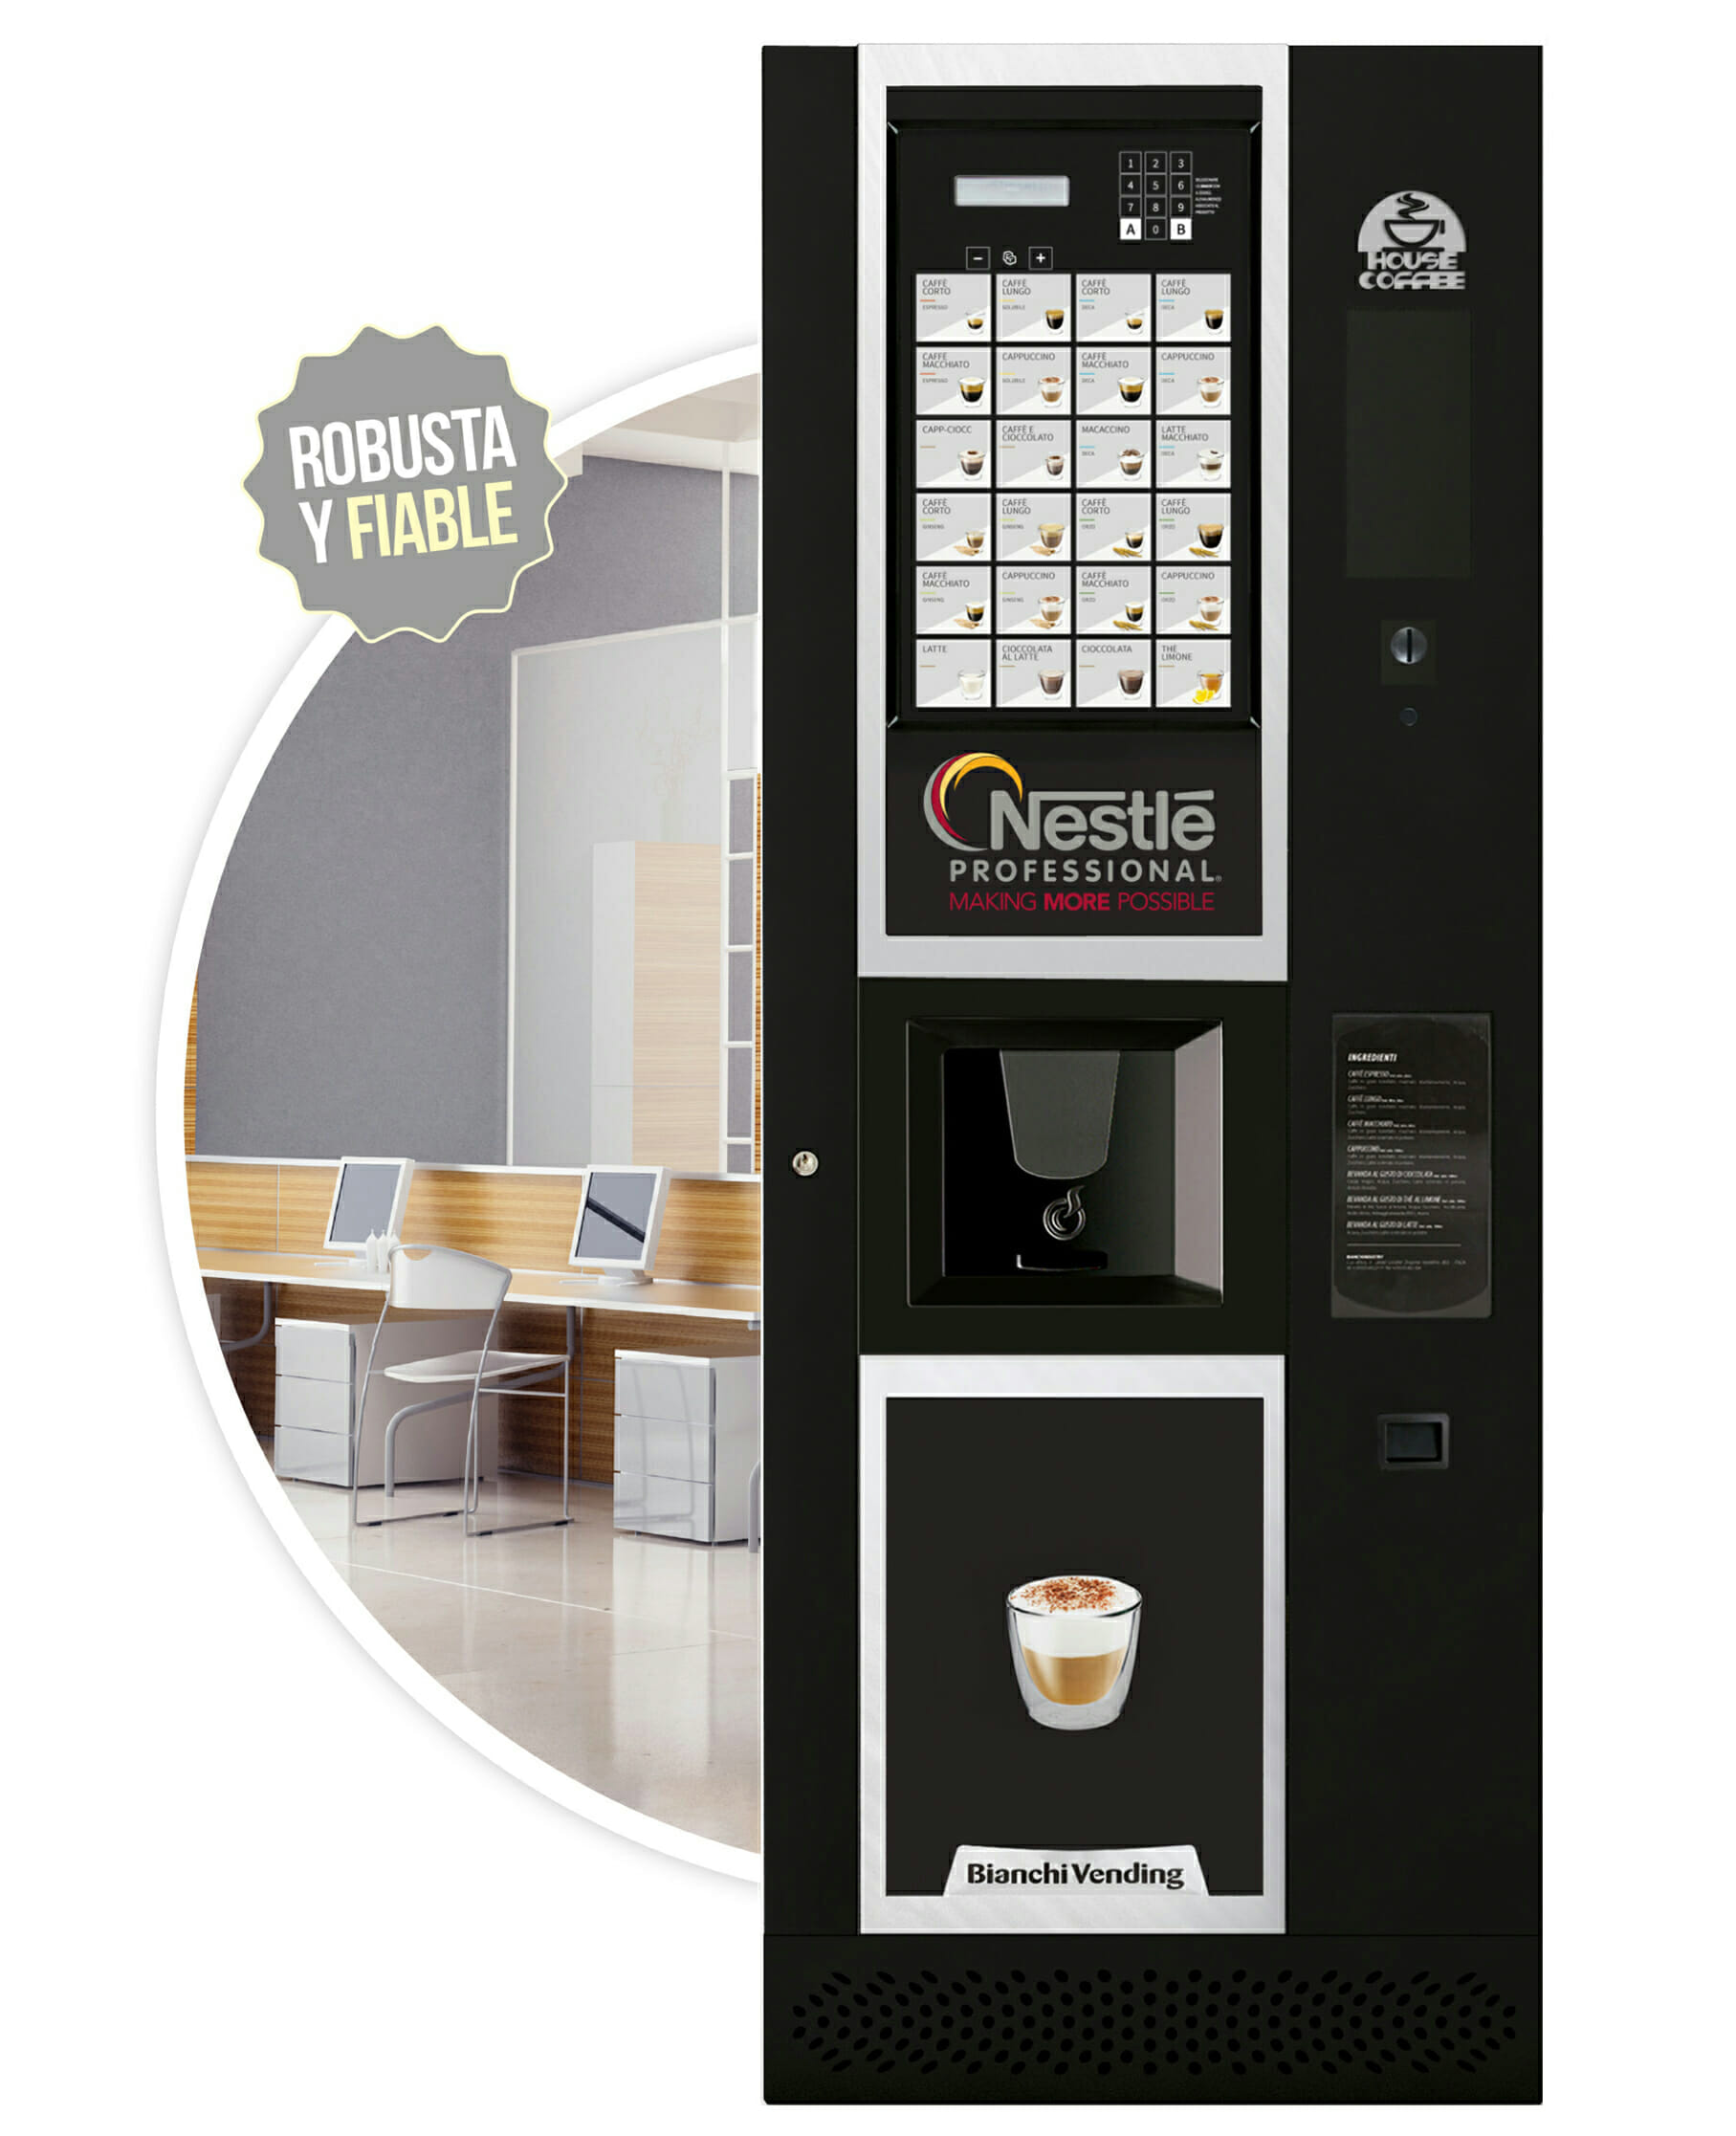 Imagen de la cafetera Verso. Maquinas de cafe para empresas.